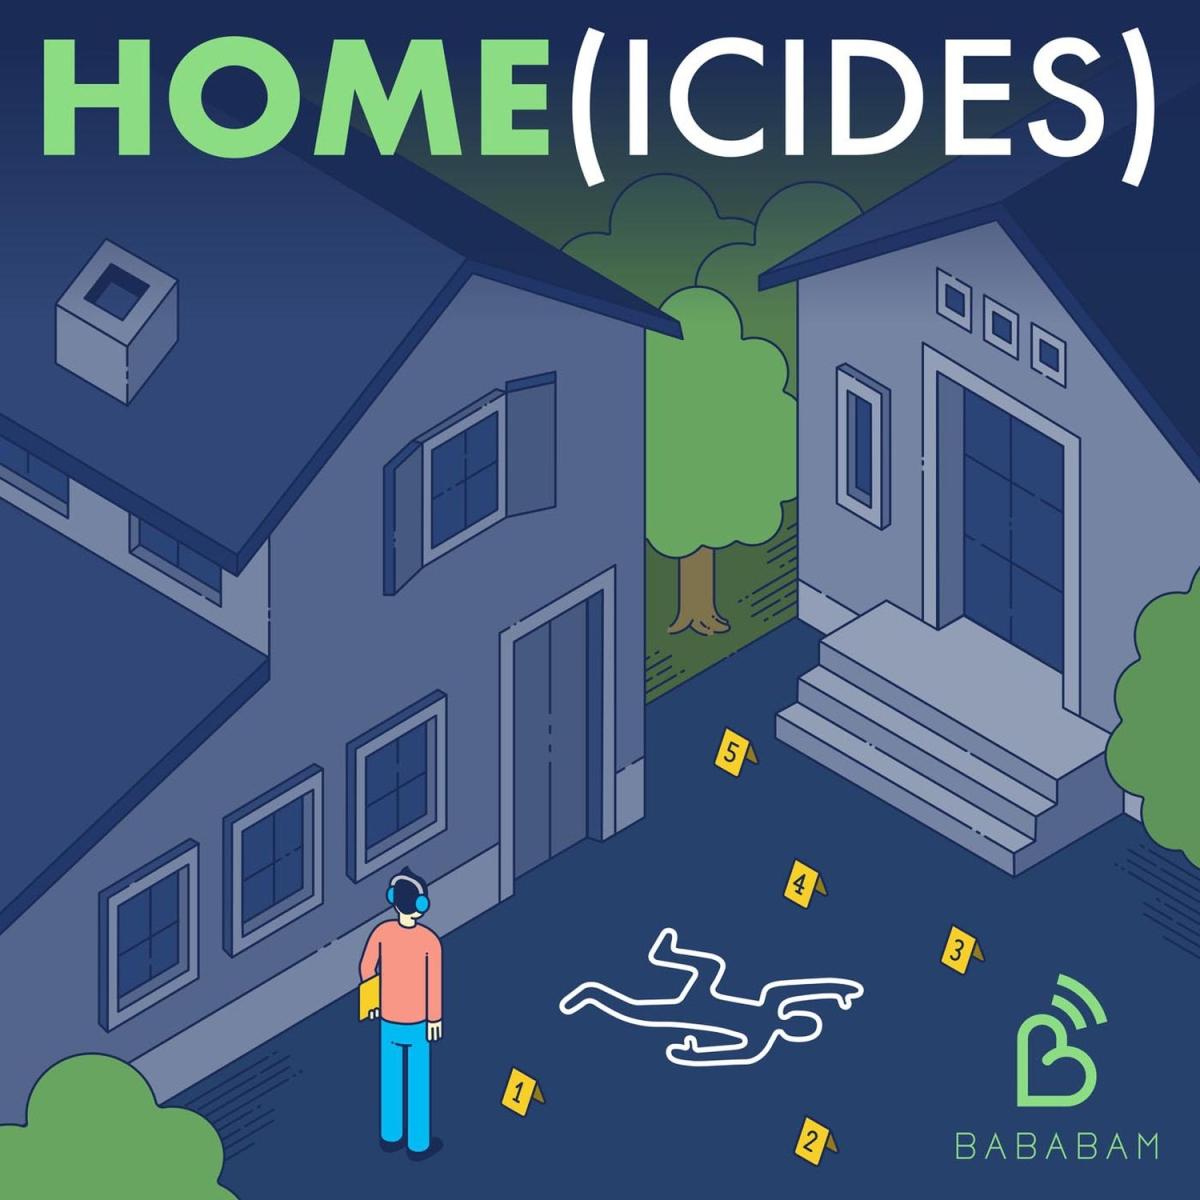 Bababam vous plonge dans les plus célèbres affaires criminelles familiales avec son nouveau podcast HOME(ICIDES)